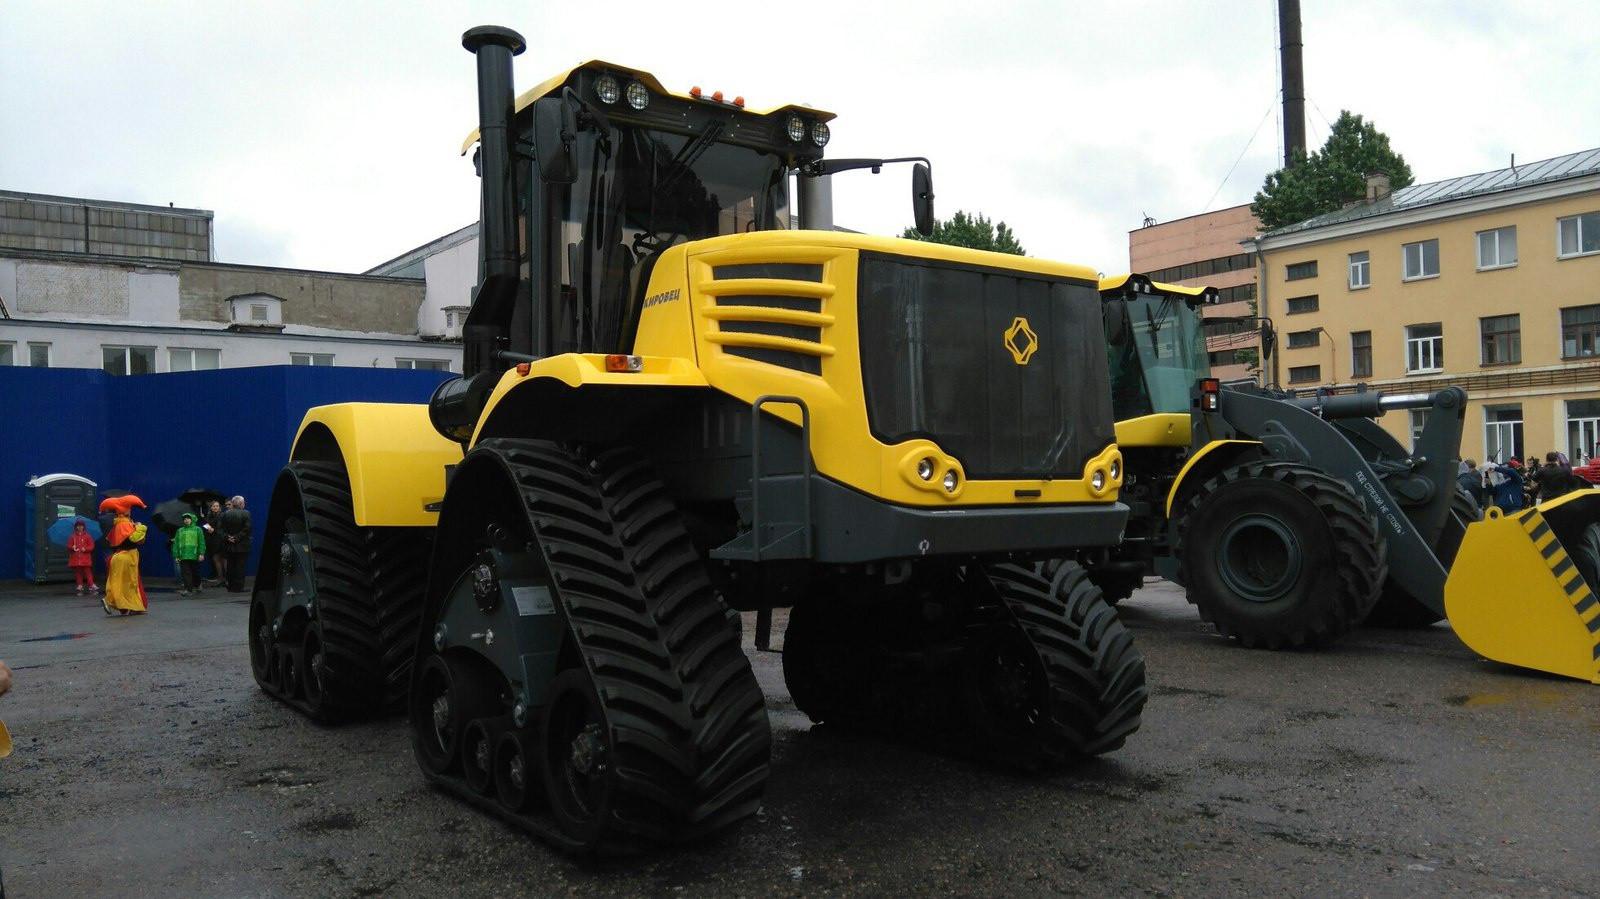 ВСамарской области могут появиться трактора «Кировец» скоробкой-автомат